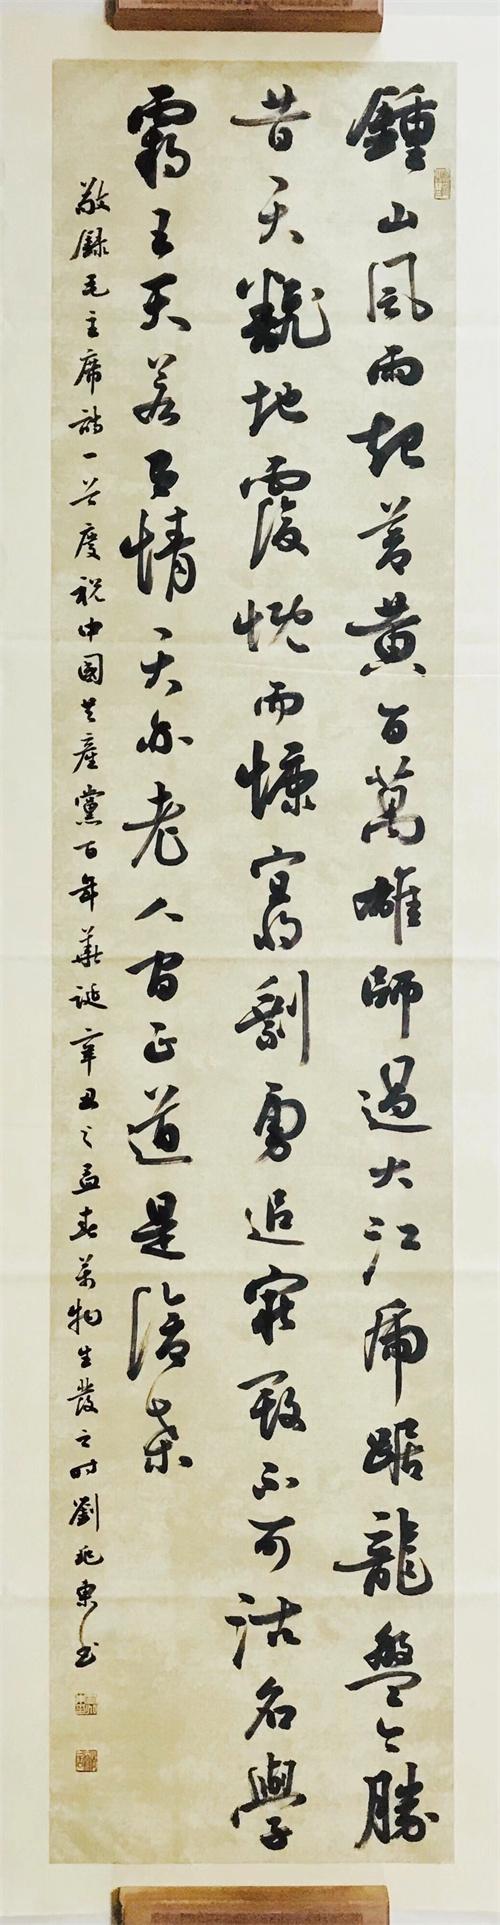 纪念中国共产党成立100周年书法展播(9)刘兆东书法作品